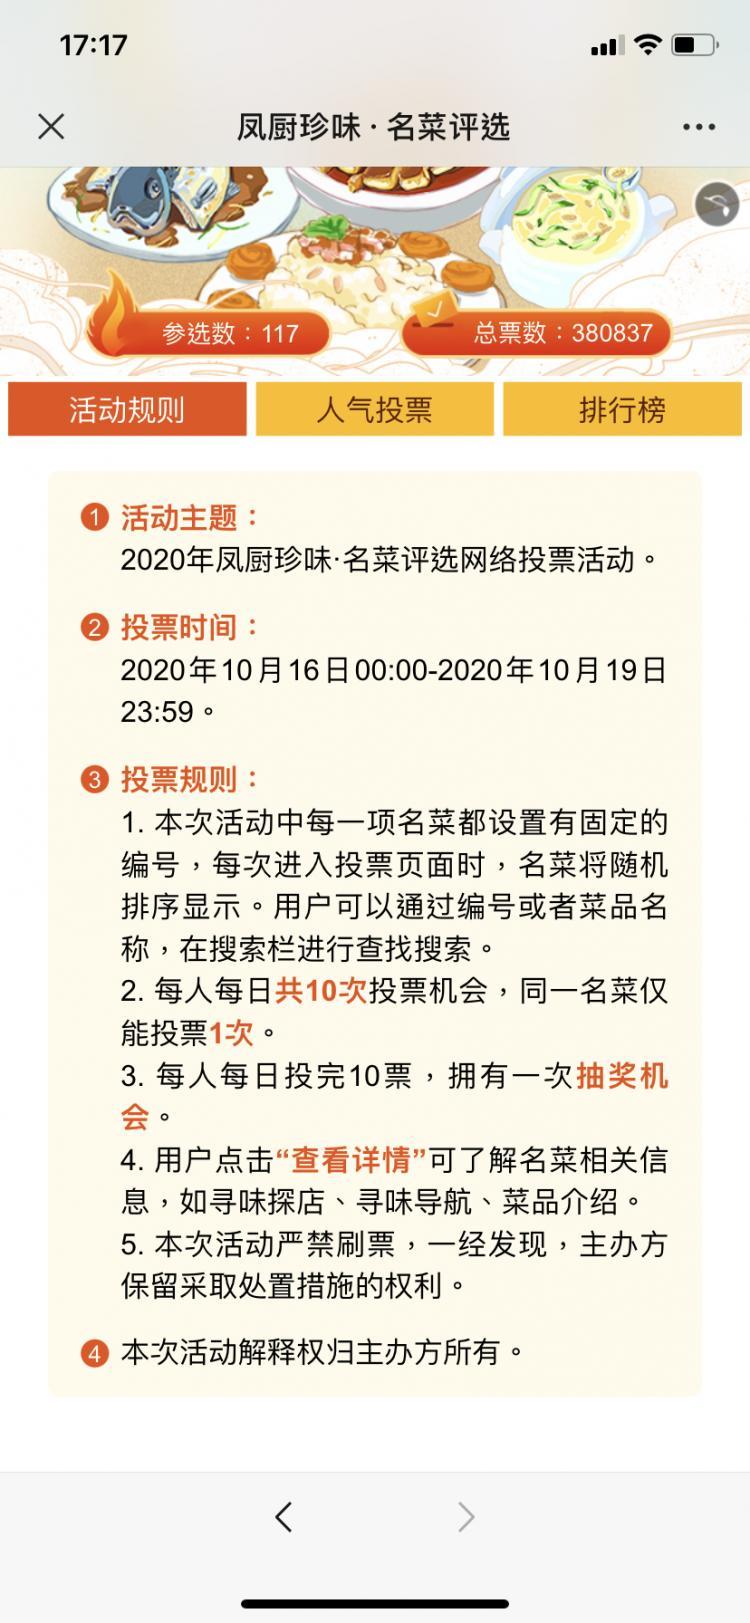 微信图片_20201201173814.png